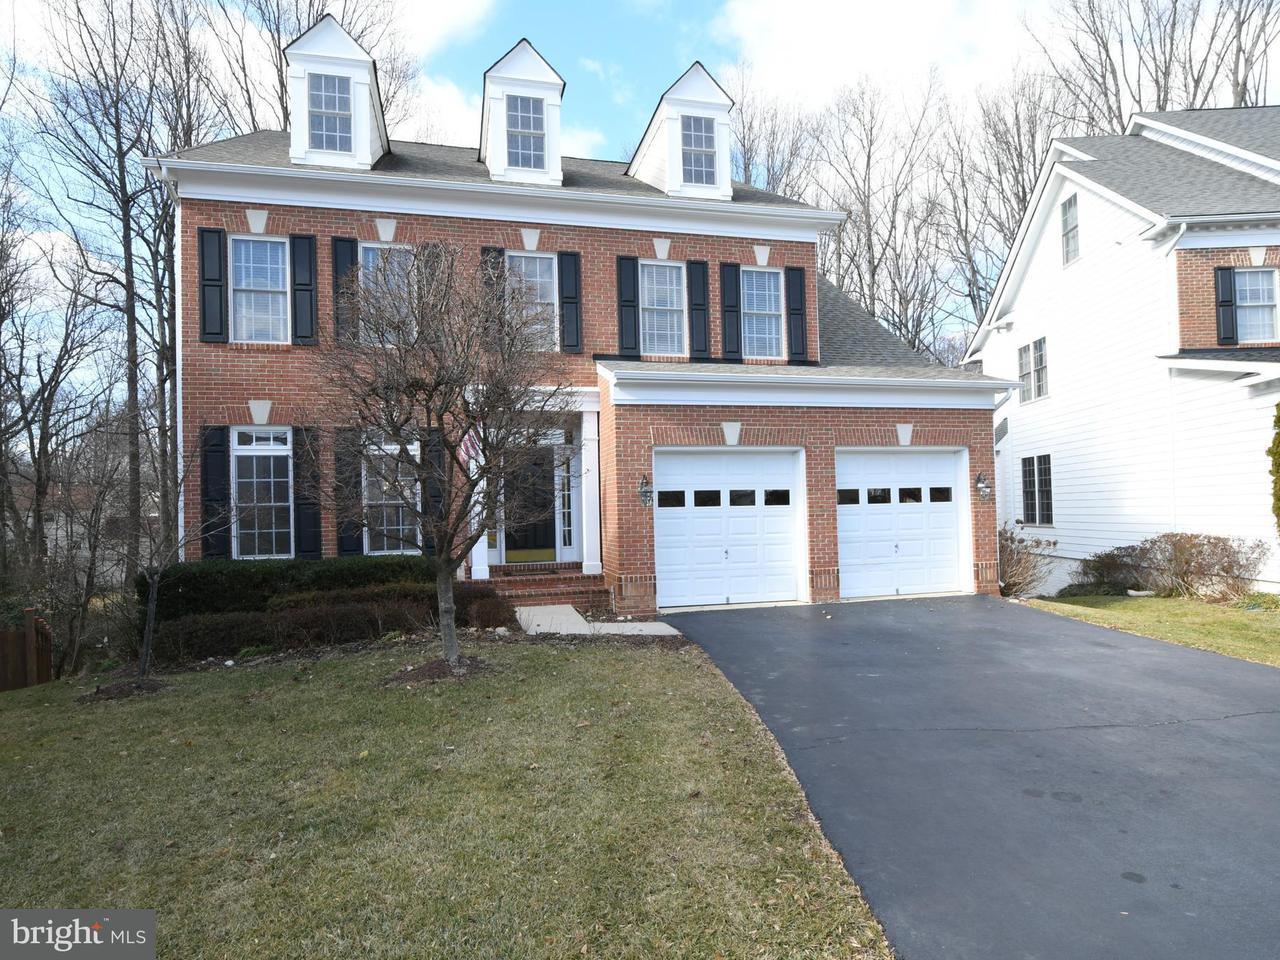 一戸建て のために 売買 アット 4316 Chancery Park Drive 4316 Chancery Park Drive Fairfax, バージニア 22030 アメリカ合衆国